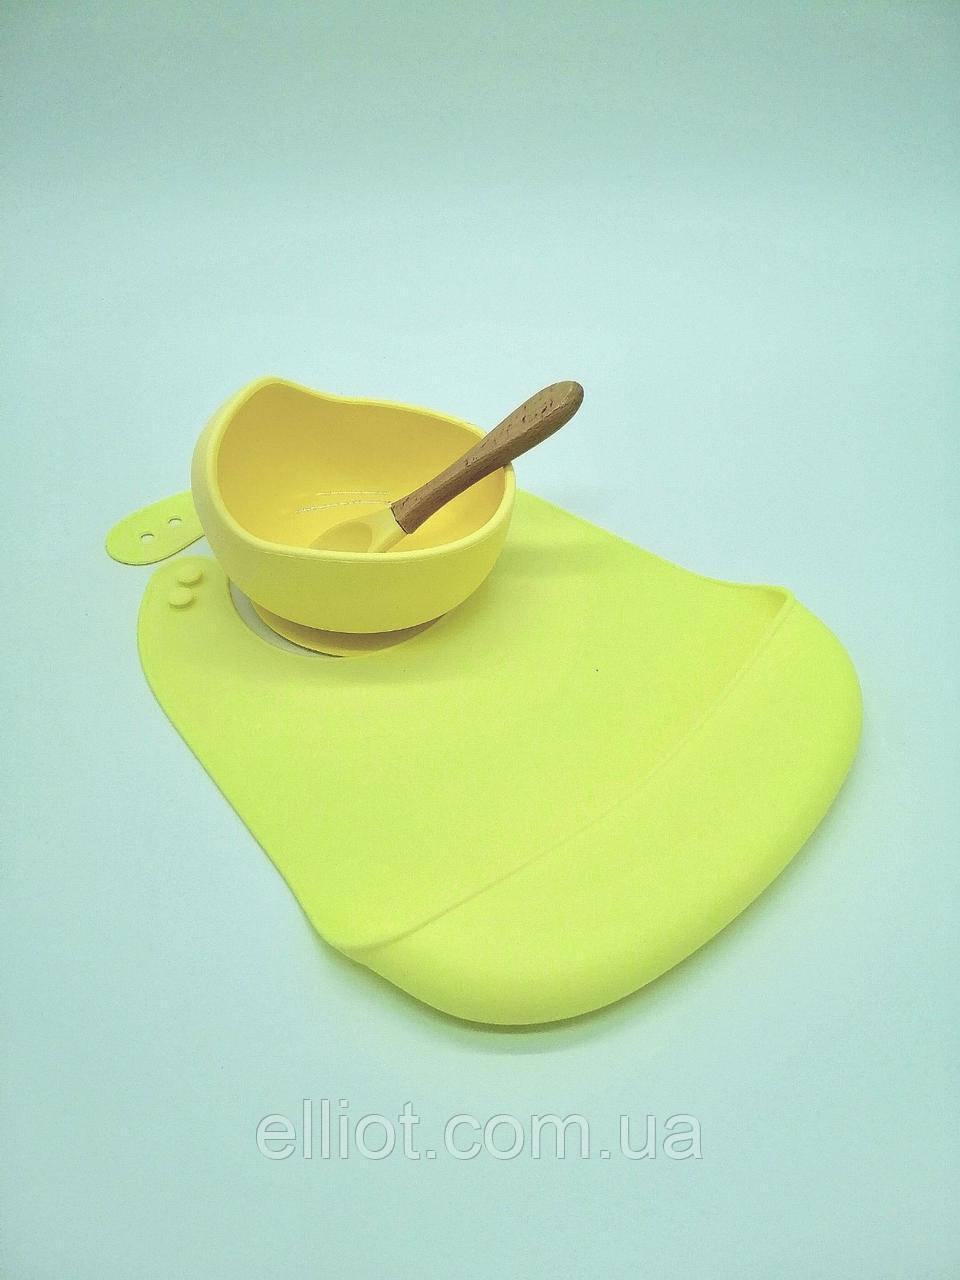 Набор Силиконовая тарелка с ложкой и слюнявчик желтый